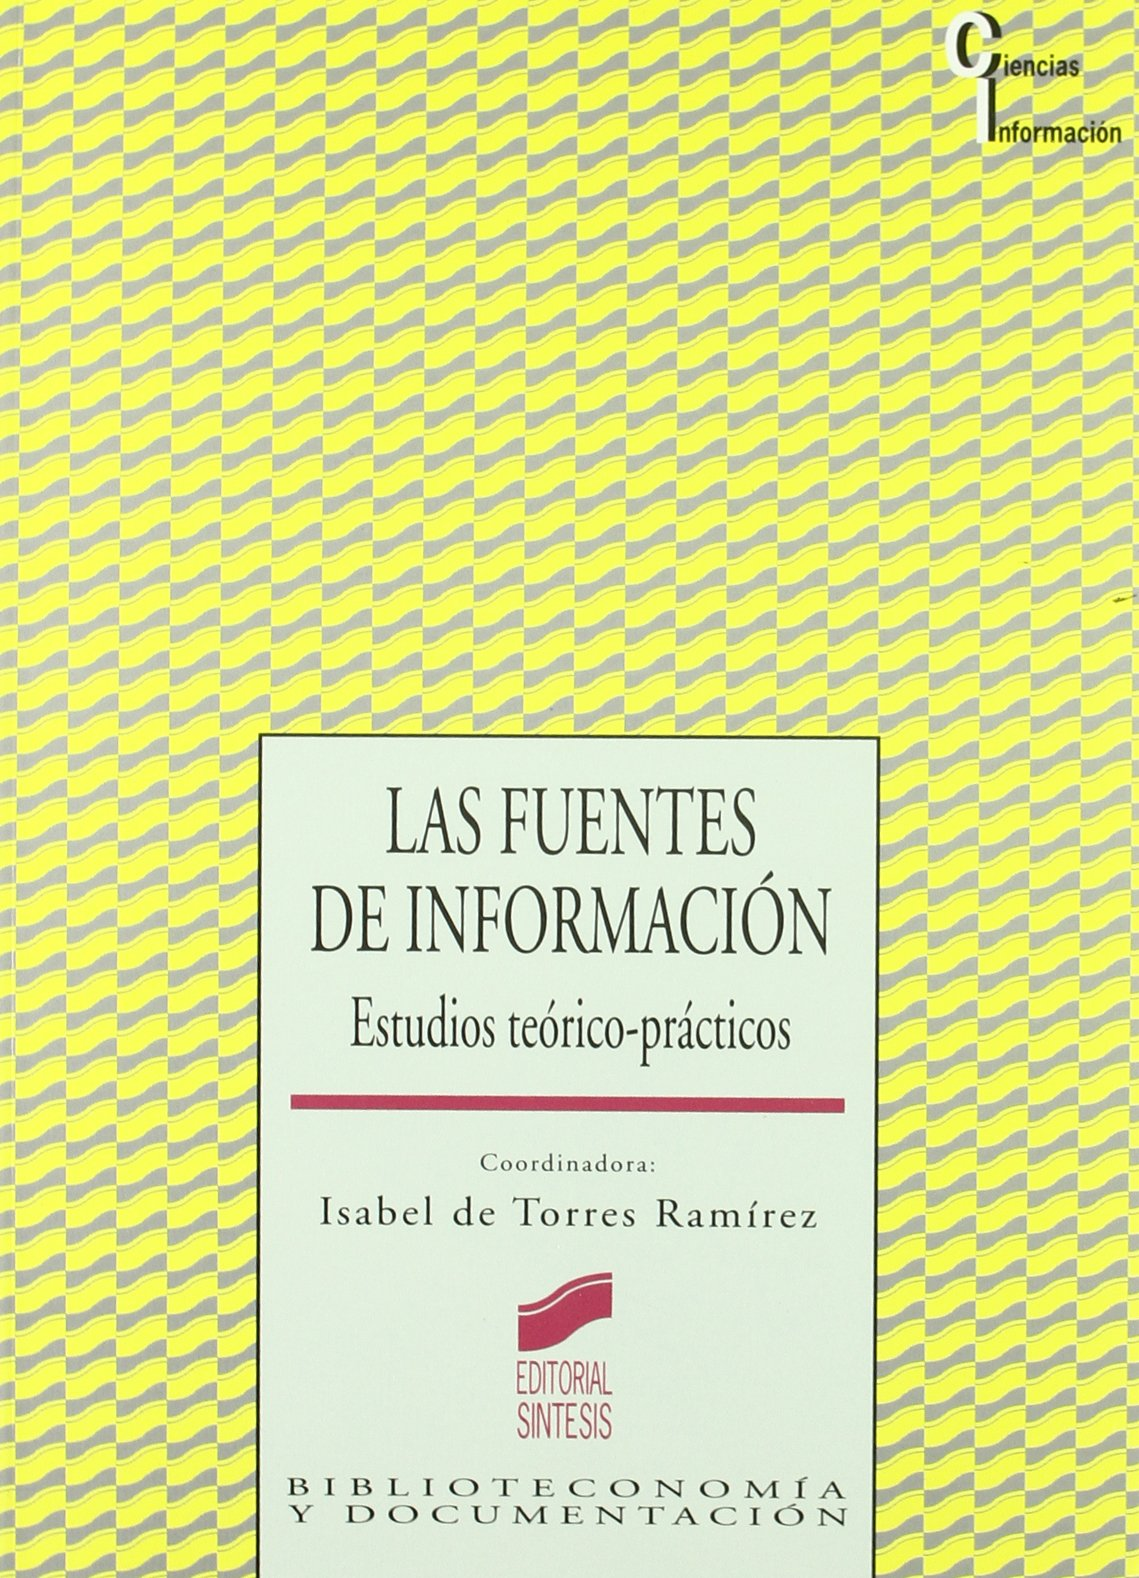 Fuentes de Informacion, Las (Spanish Edition) ebook